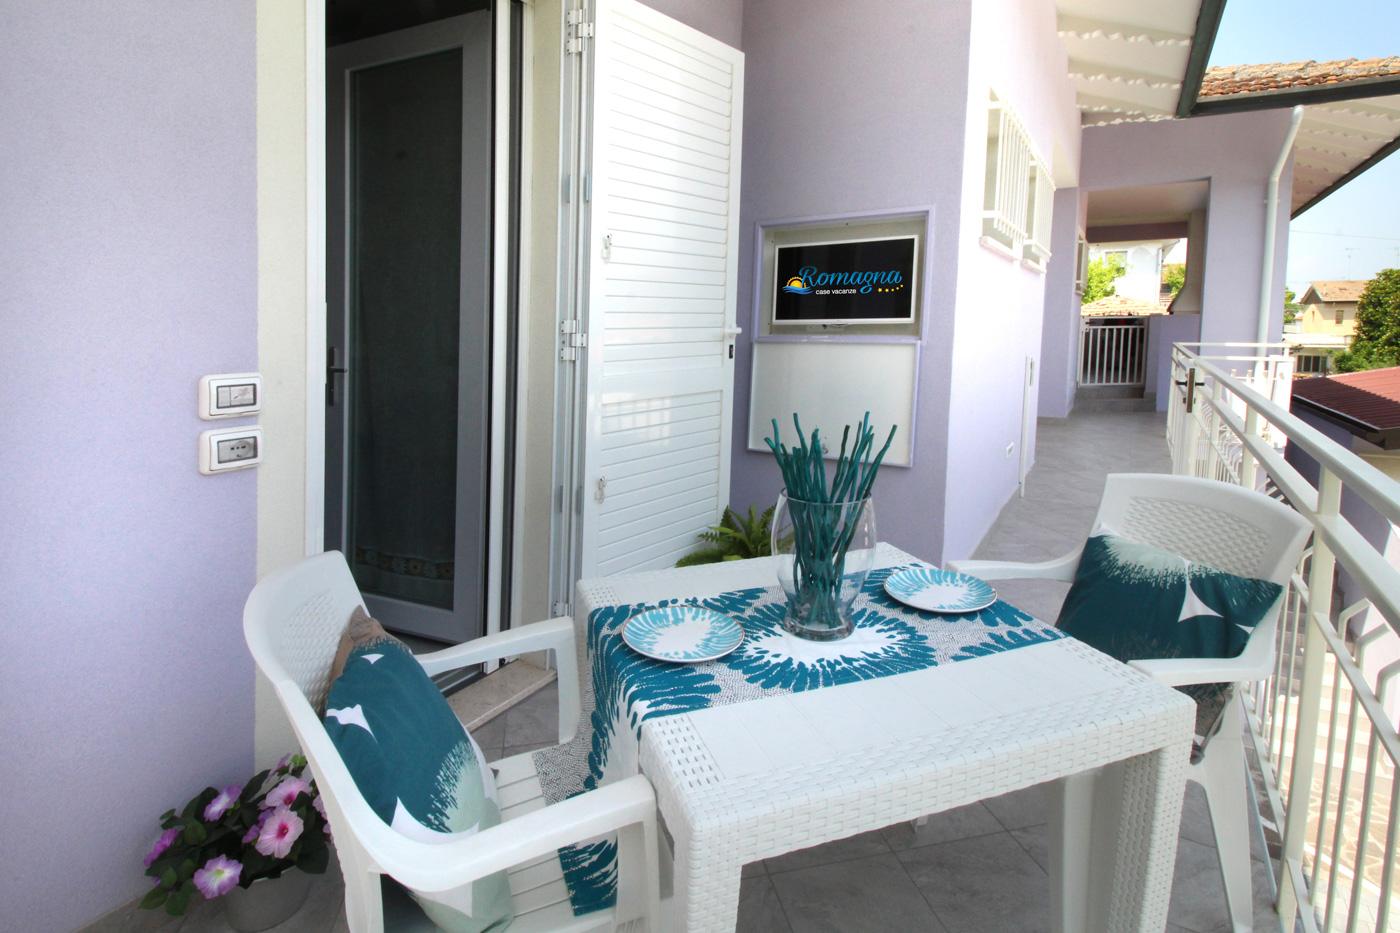 Appartamento sabrina romagna case vacanze-IMG_8820